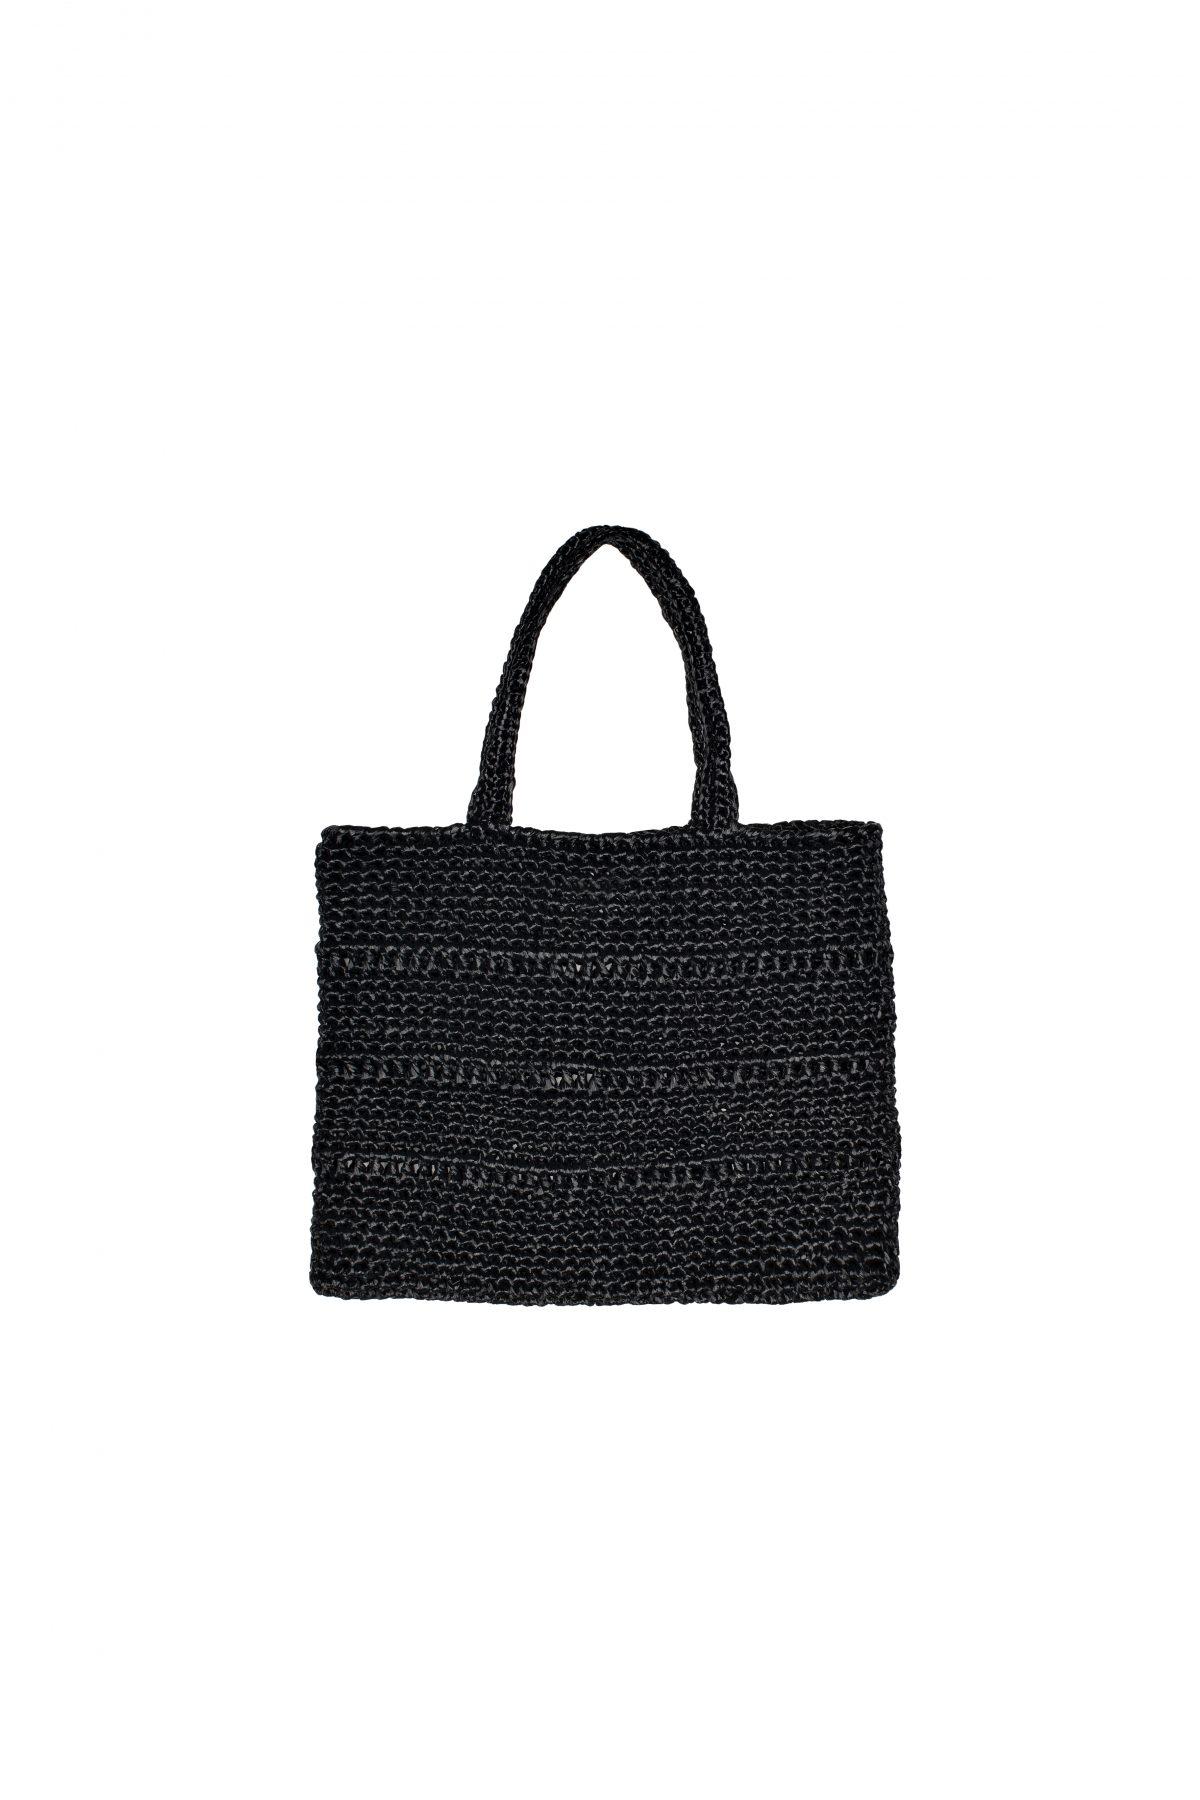 borsa rafia con manici lunghi nera